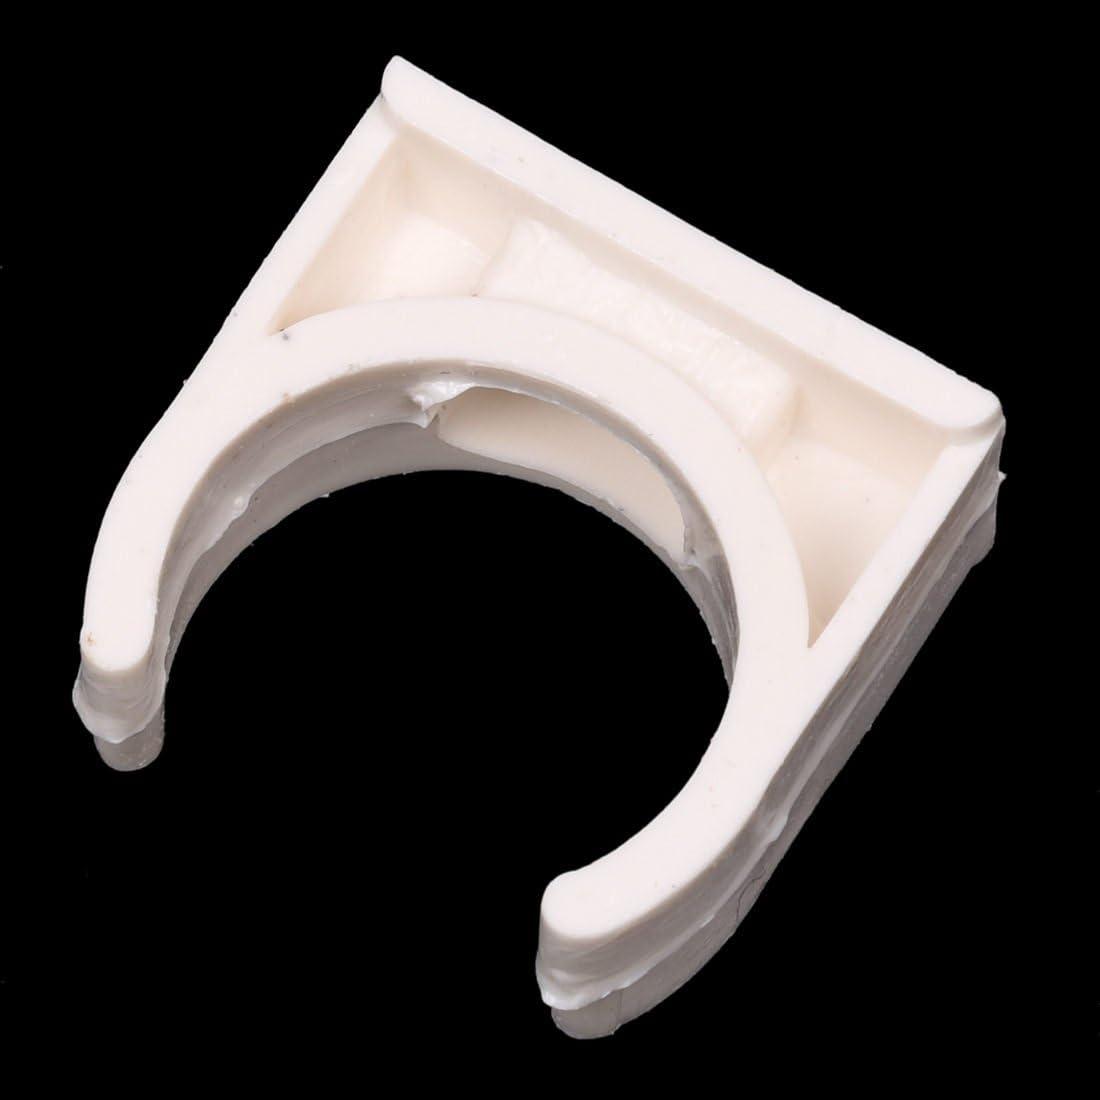 VYNBDA 10 Stueck 20mm Durchmesser Weiss PVC Wasserversorgung Rohrschellen Klemmen Beschlaege